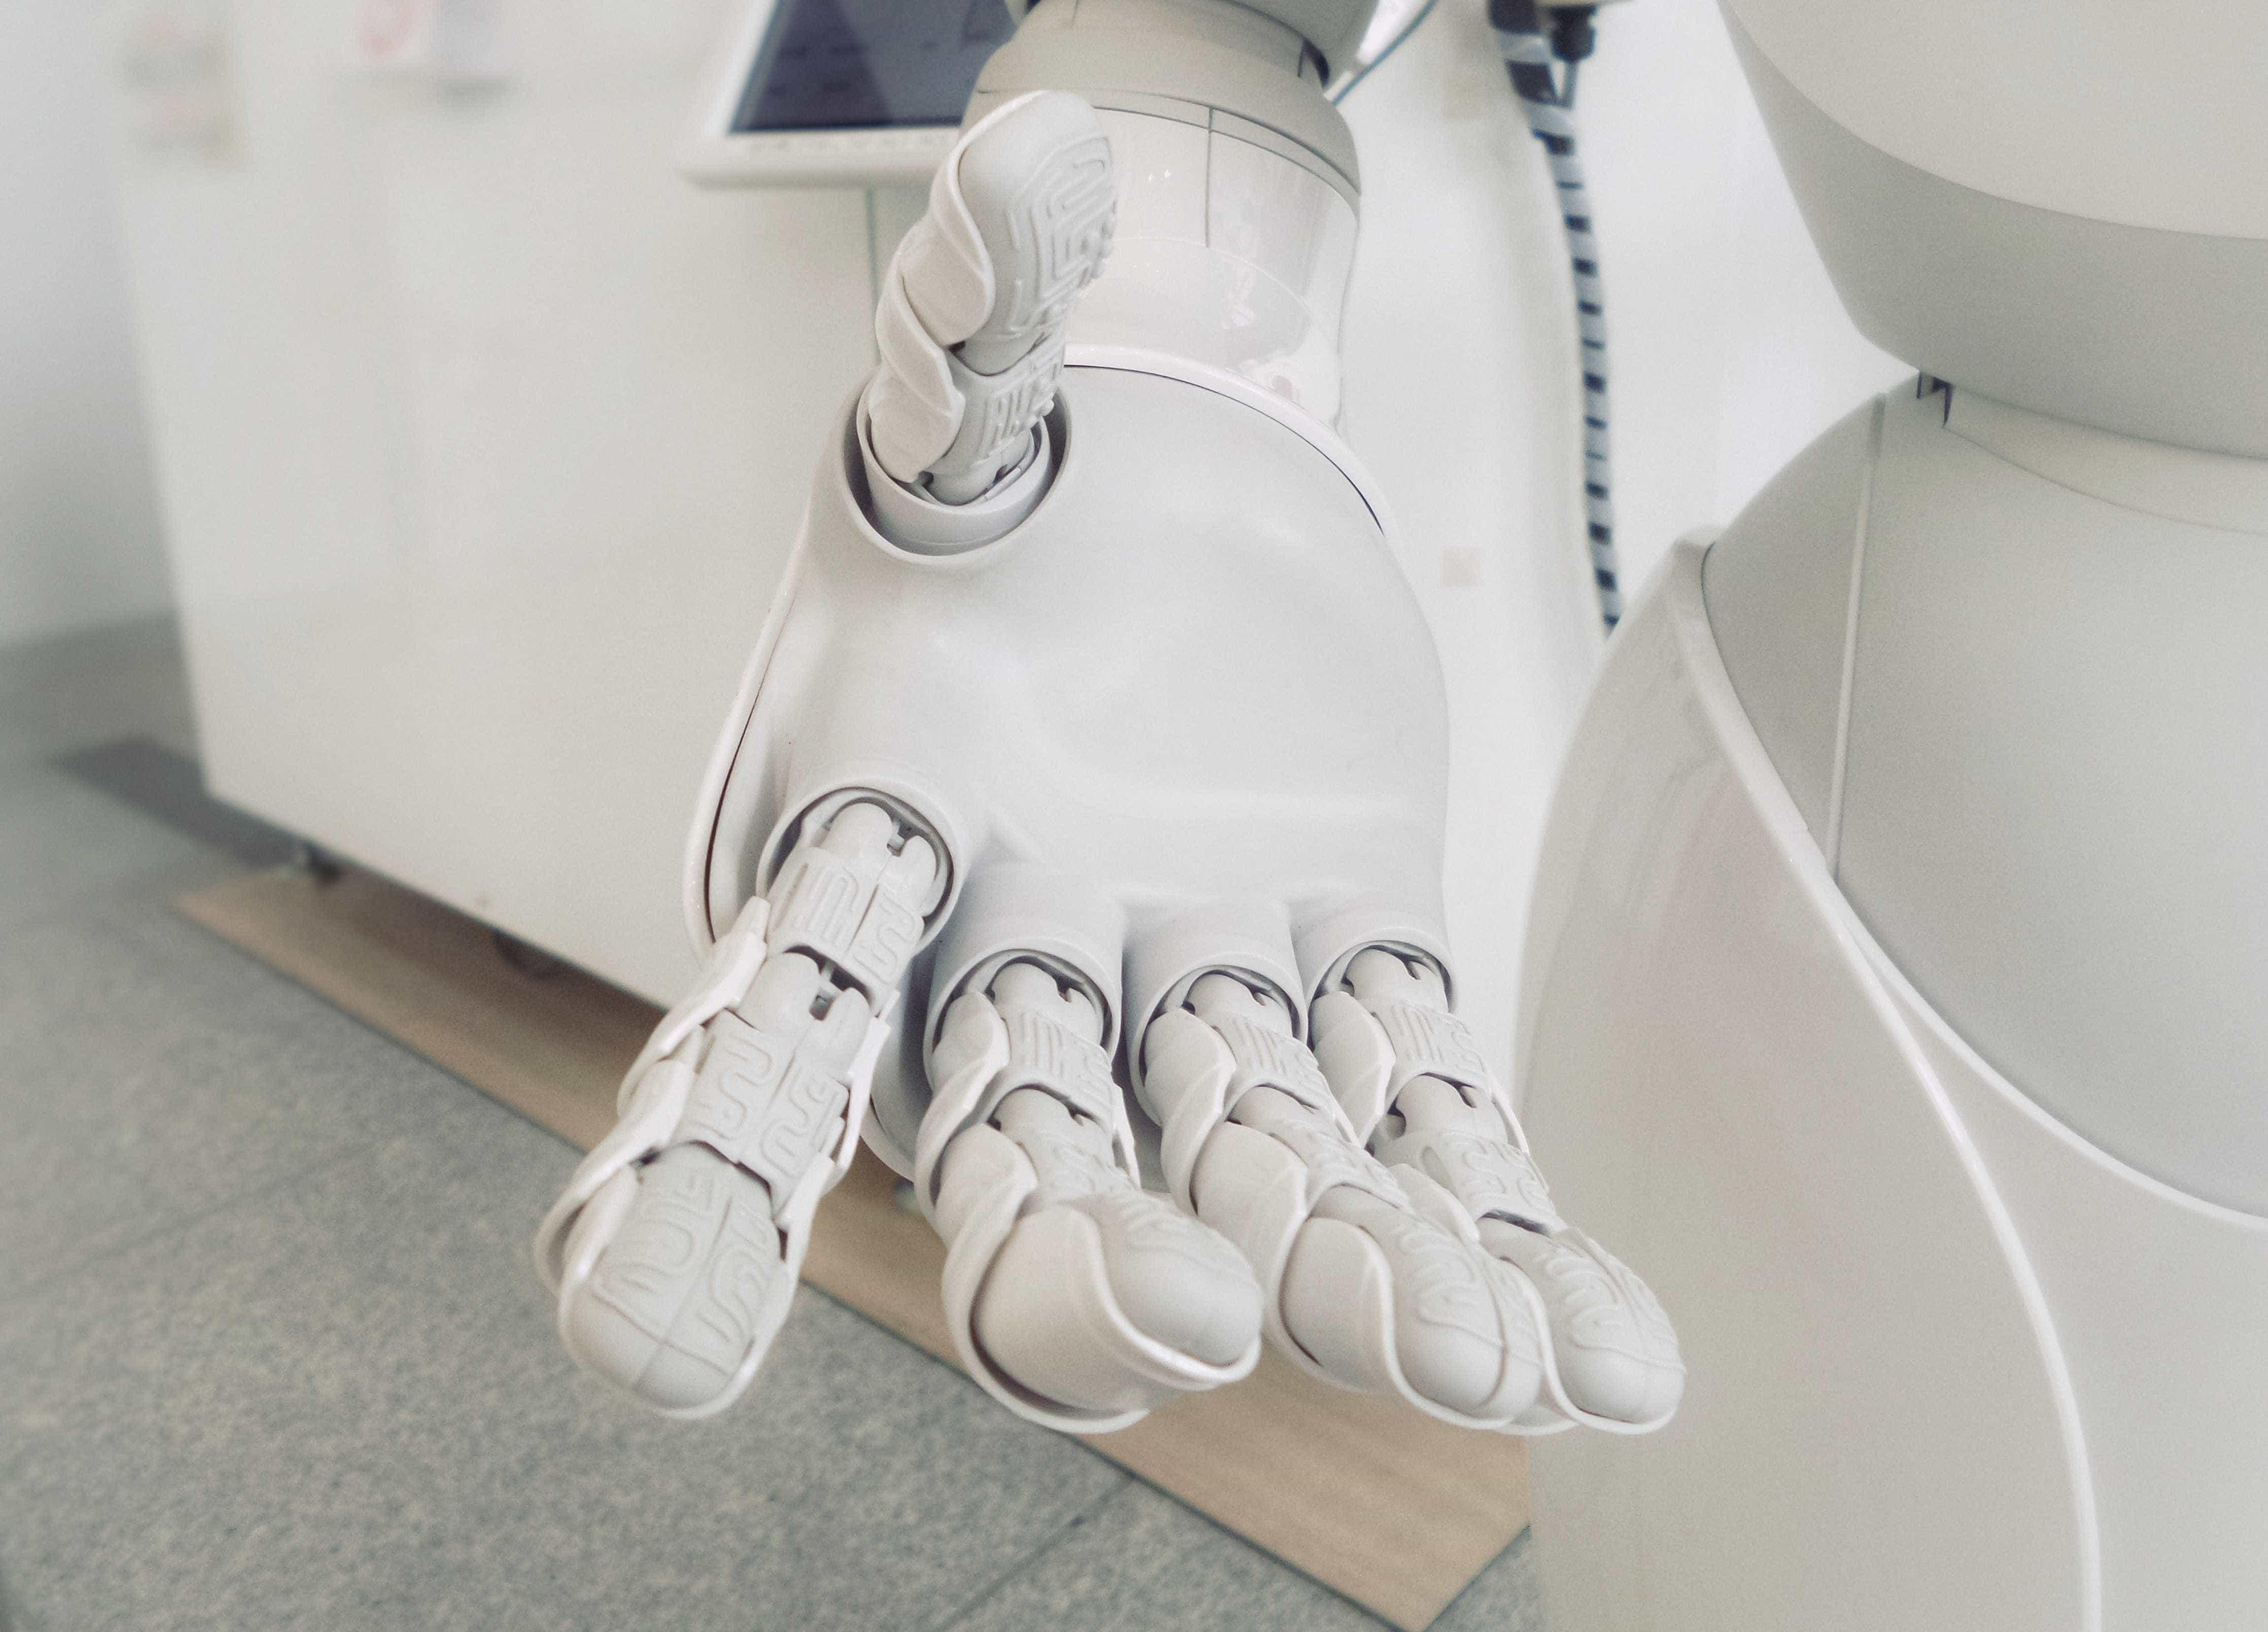 Hotel em São Paulo terá primeiro 'robô concierge' do Brasil